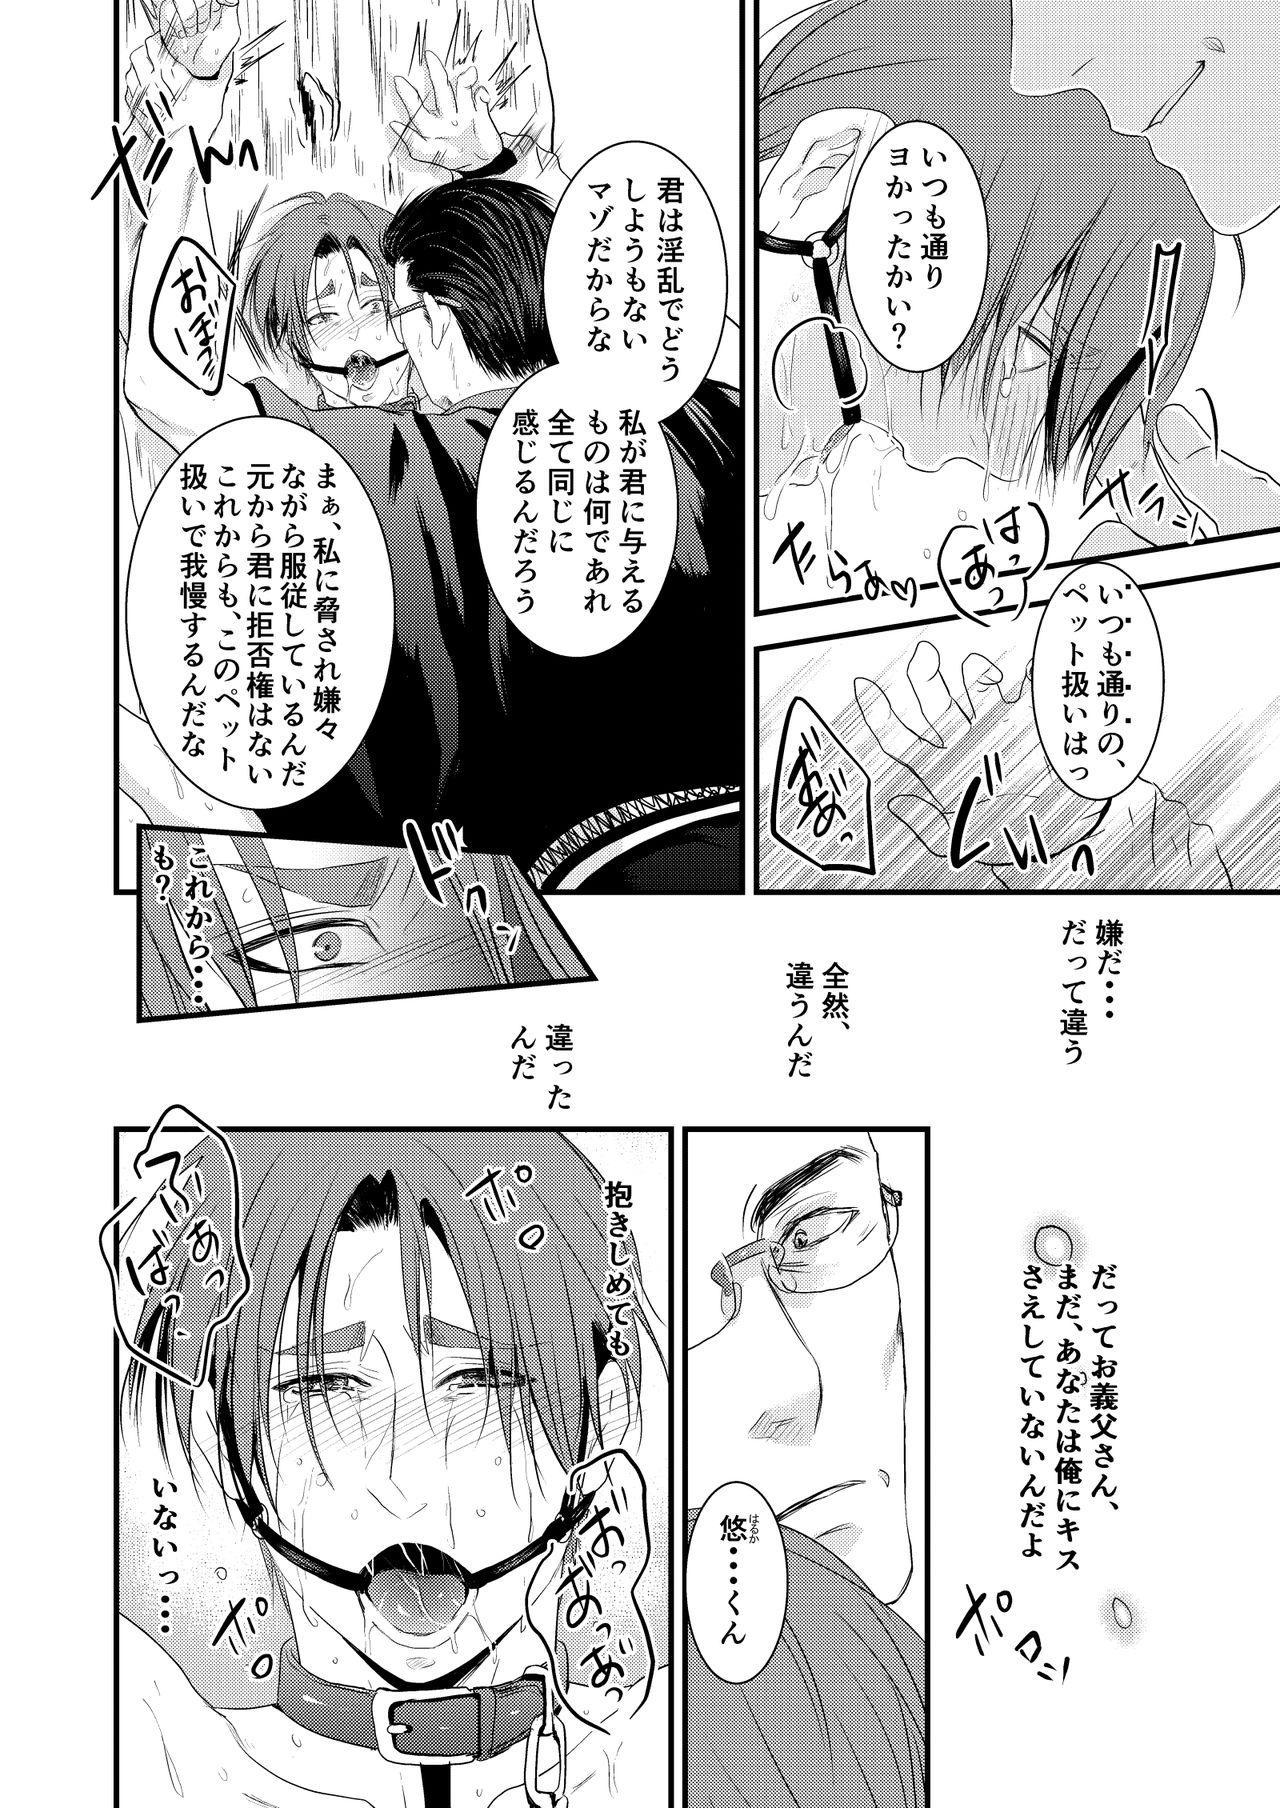 [Nengaranenjuu] Kono Ai wa Yamai ni Nite iru (Bangaihen) Shitsuke no Kura [Digital] 15